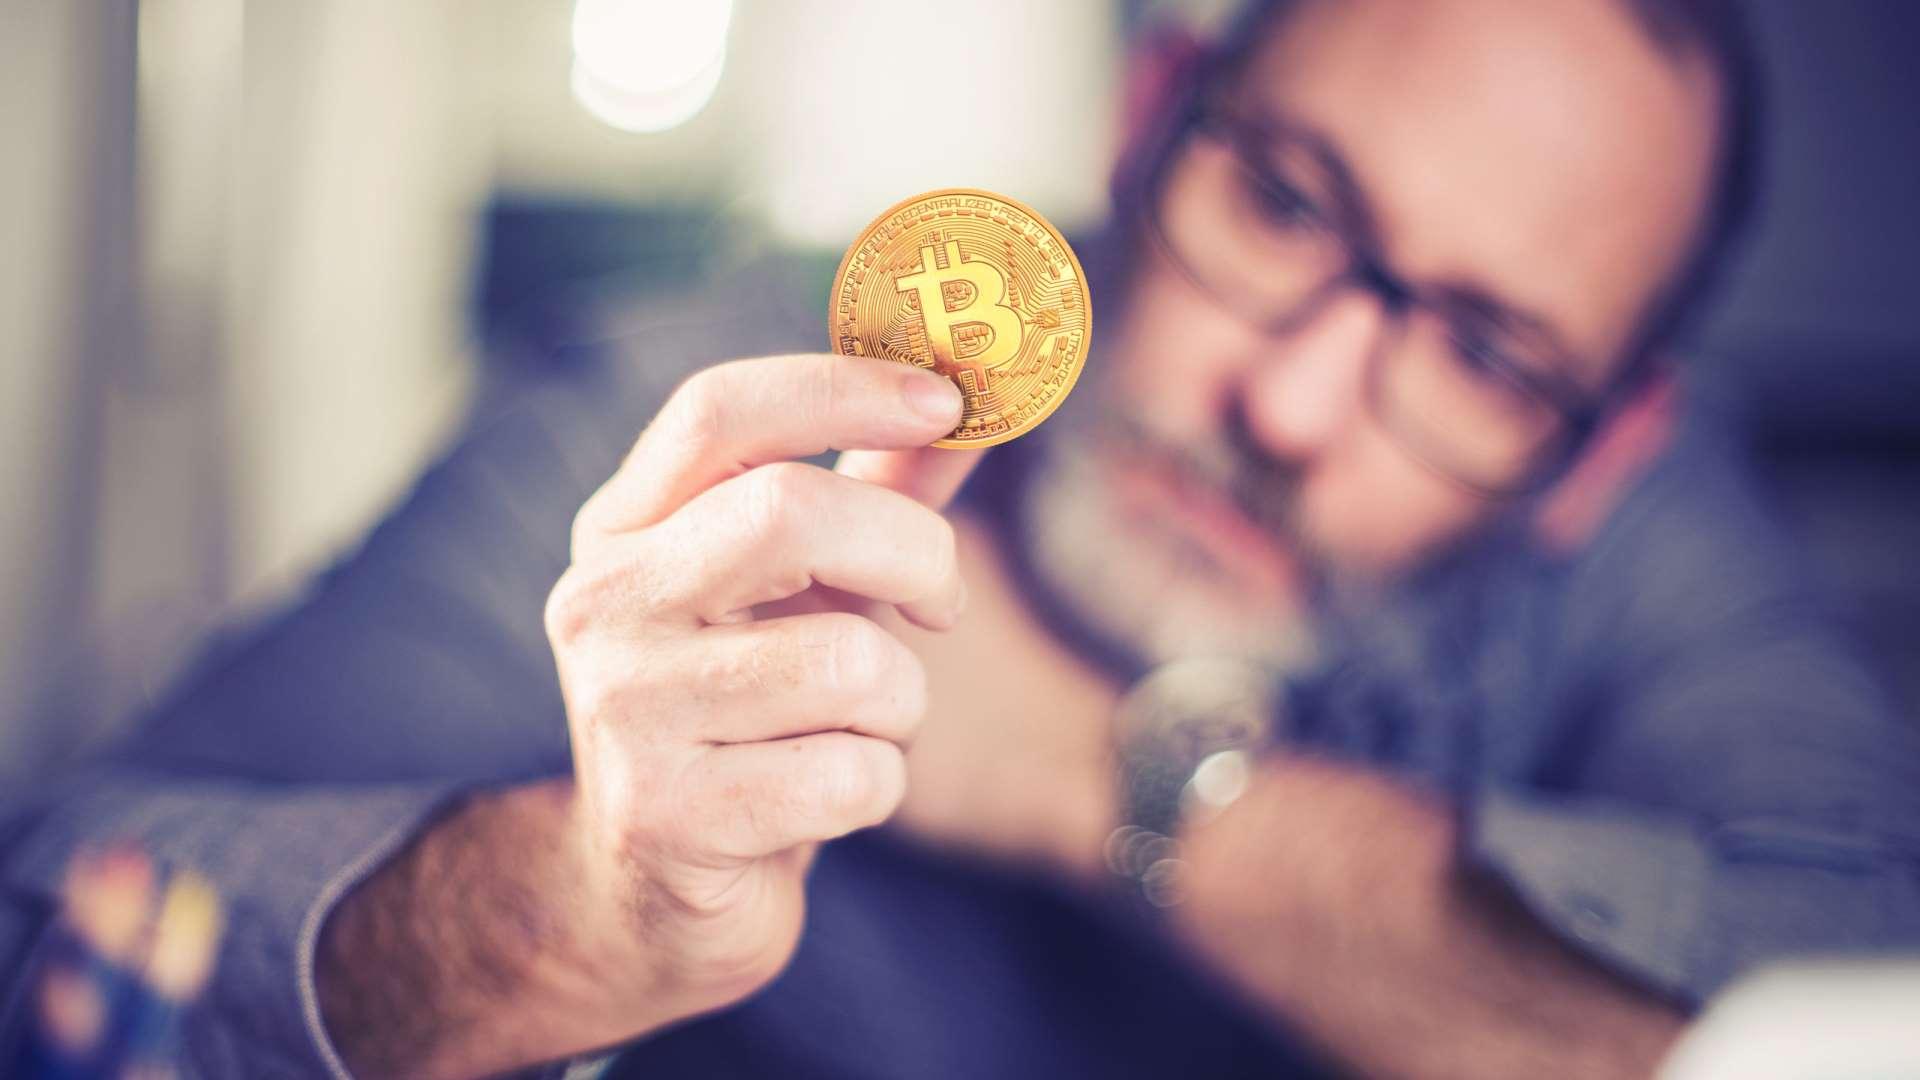 Para los expertos, la moneda se ubicará entre 50.000 y 100.000 dólares para fin de año